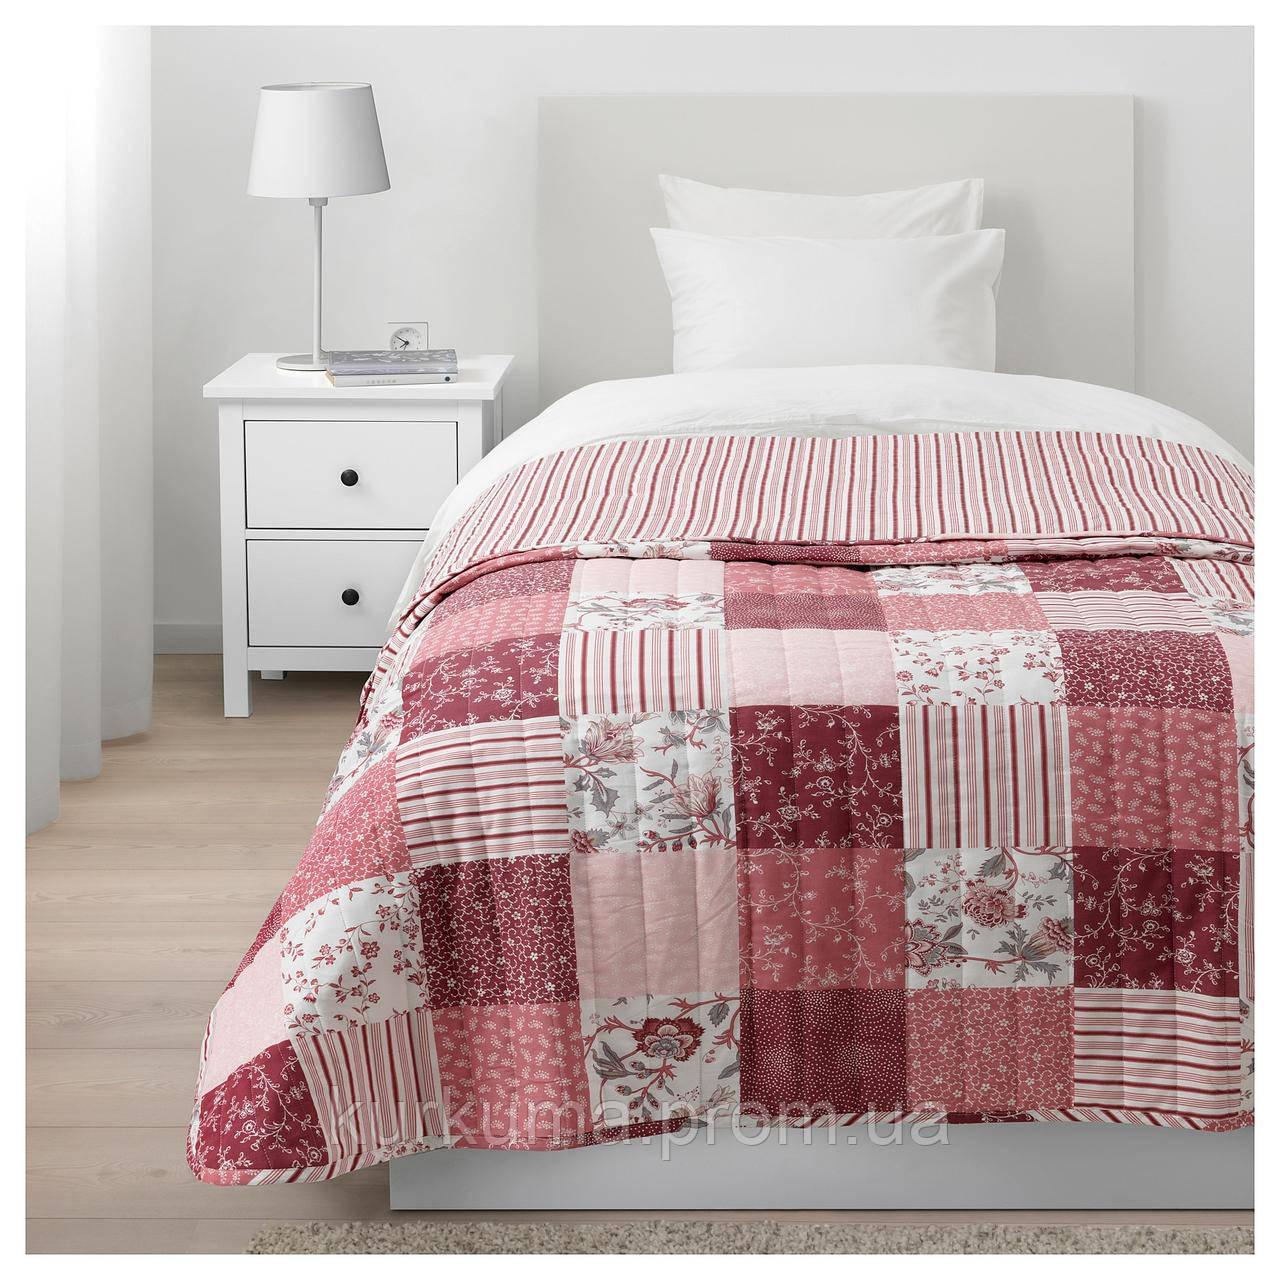 IKEA VARRUTA Покрывало, белый, розовый  (403.819.22)